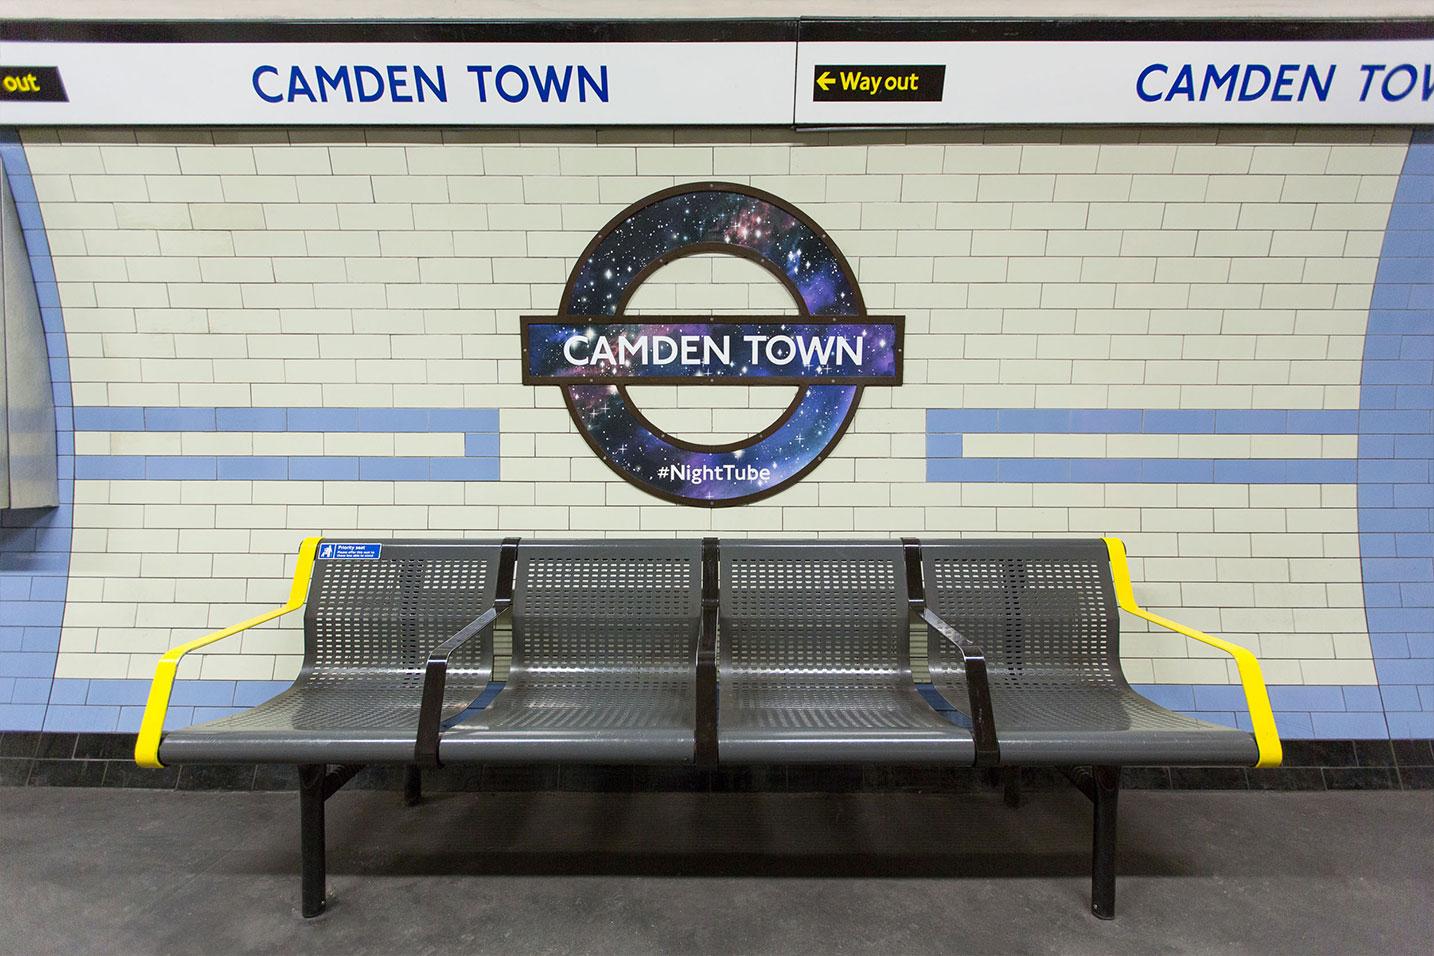 倫敦交通 11種交通工具全攻略:夜間地鐵路線和費用